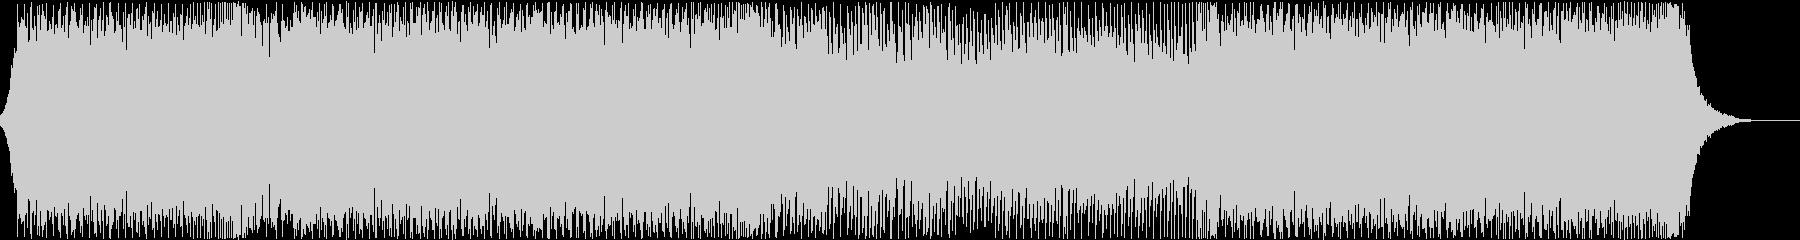 盛り上がる・エレクトロ・クラブ・DJの未再生の波形